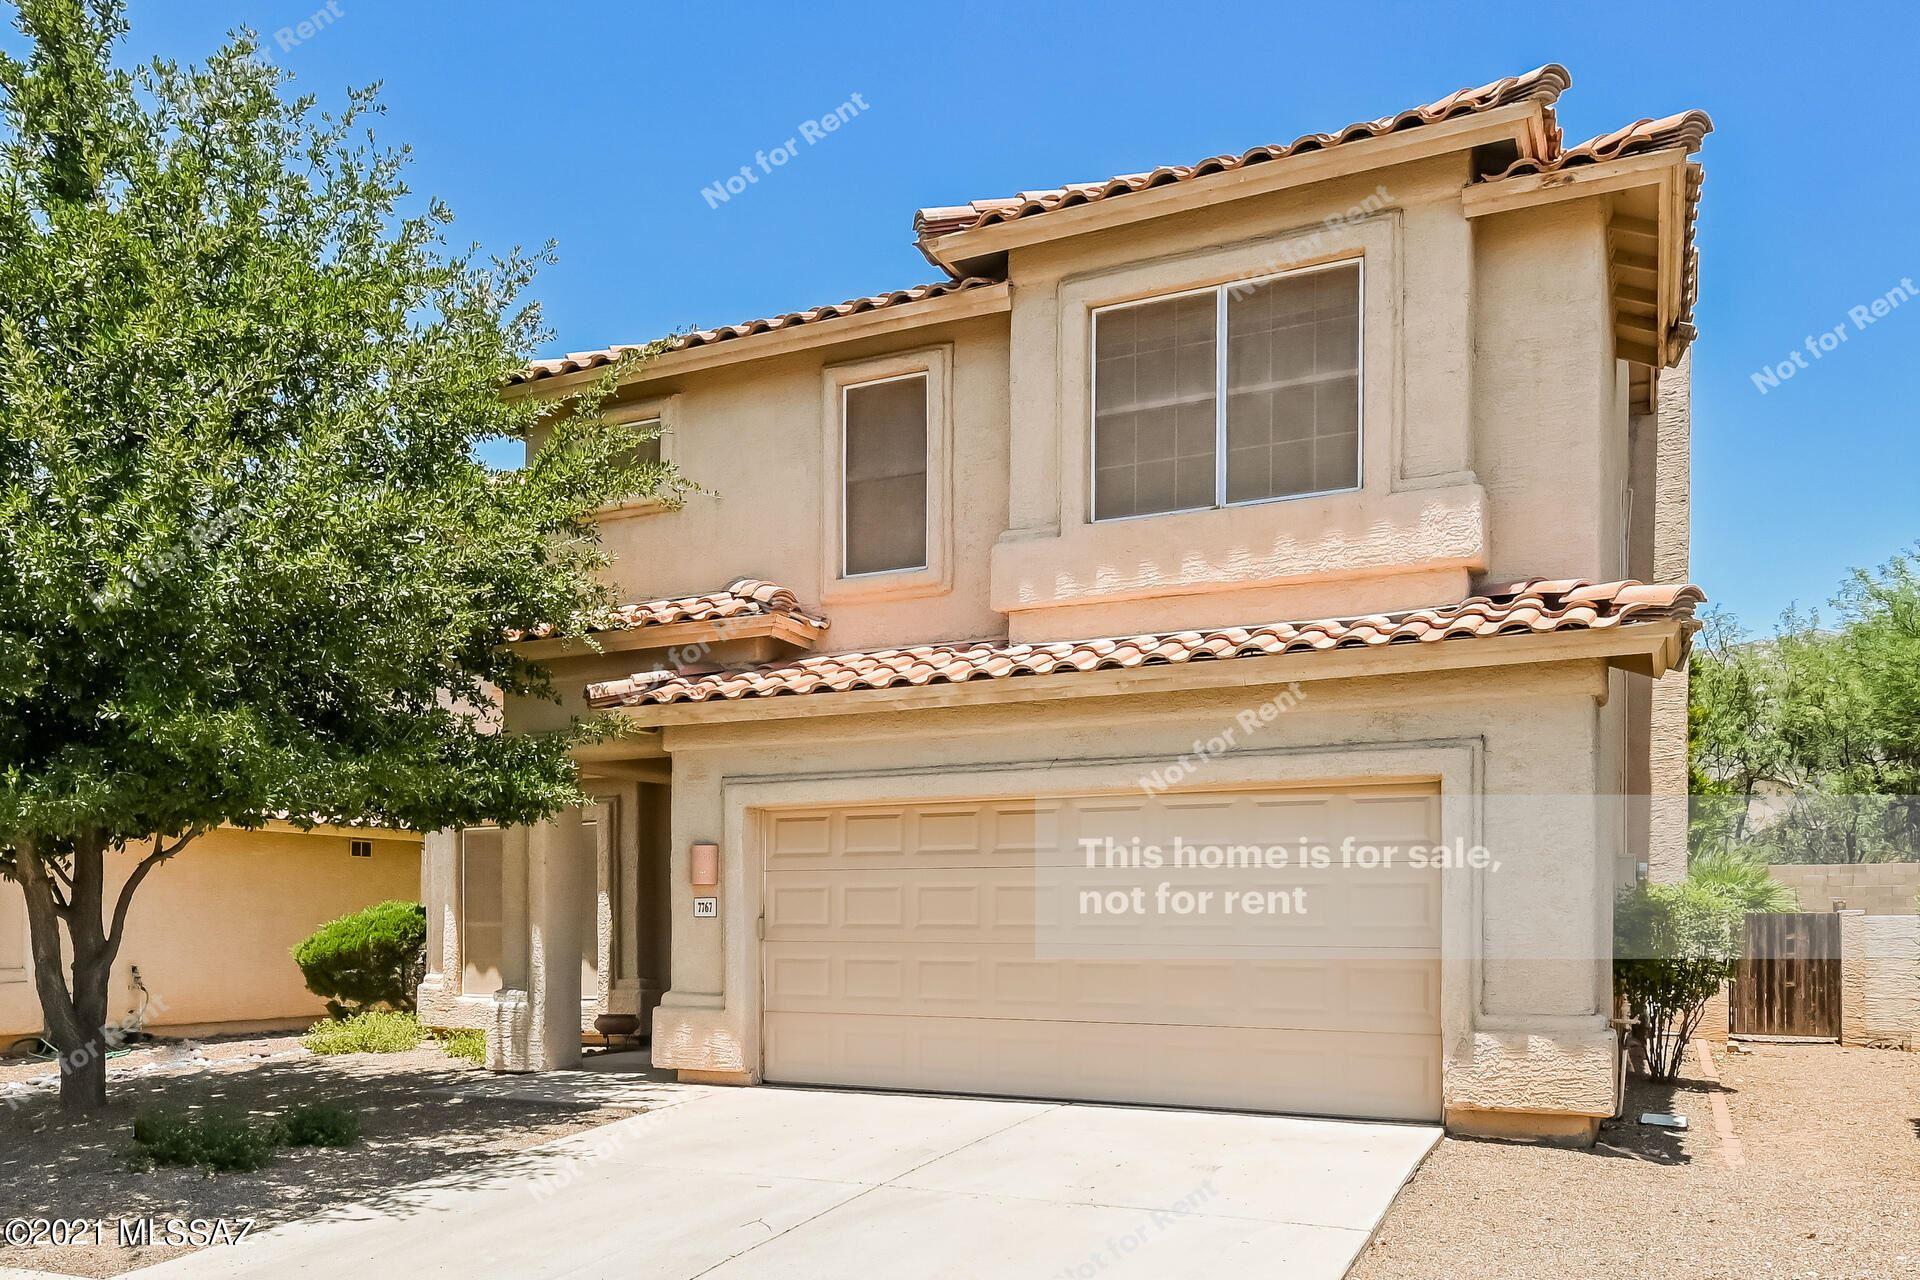 7767 E Castle Valley Way, Tucson, AZ 85750 - MLS#: 22116307